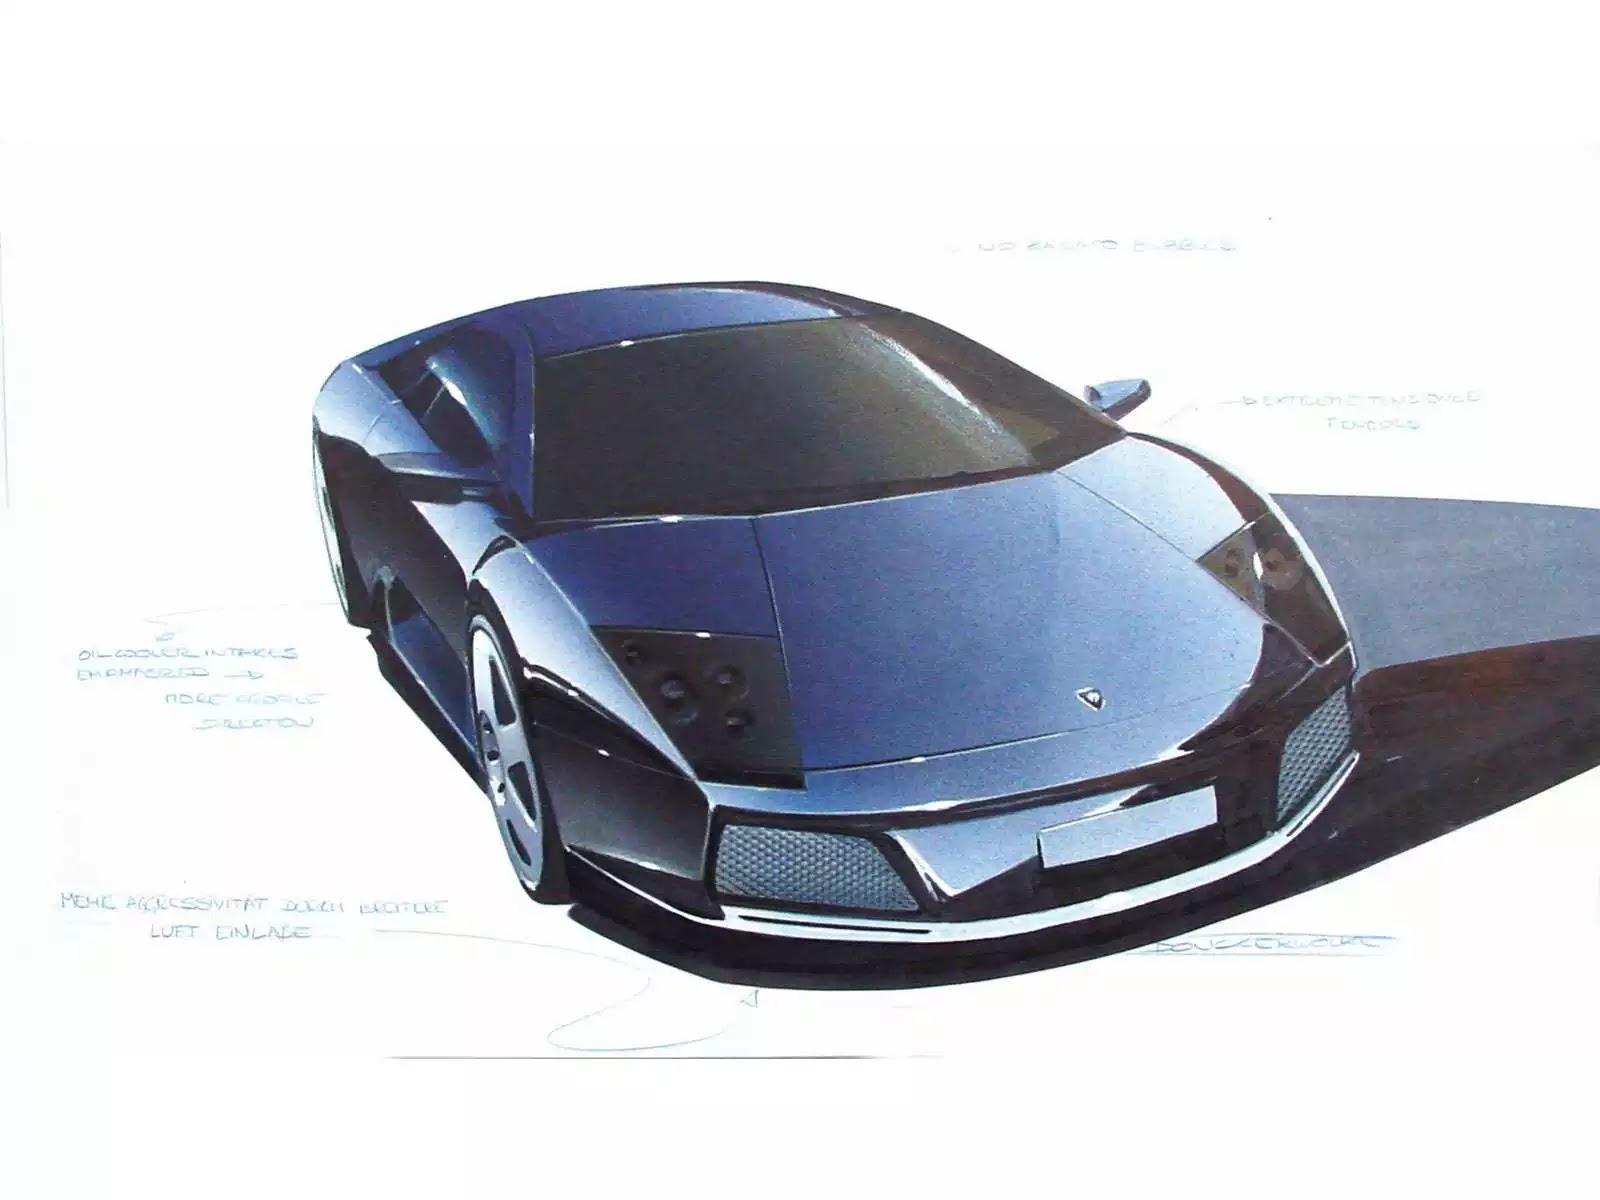 Hình ảnh siêu xe Lamborghini Murcielago Sketch 2002 & nội ngoại thất